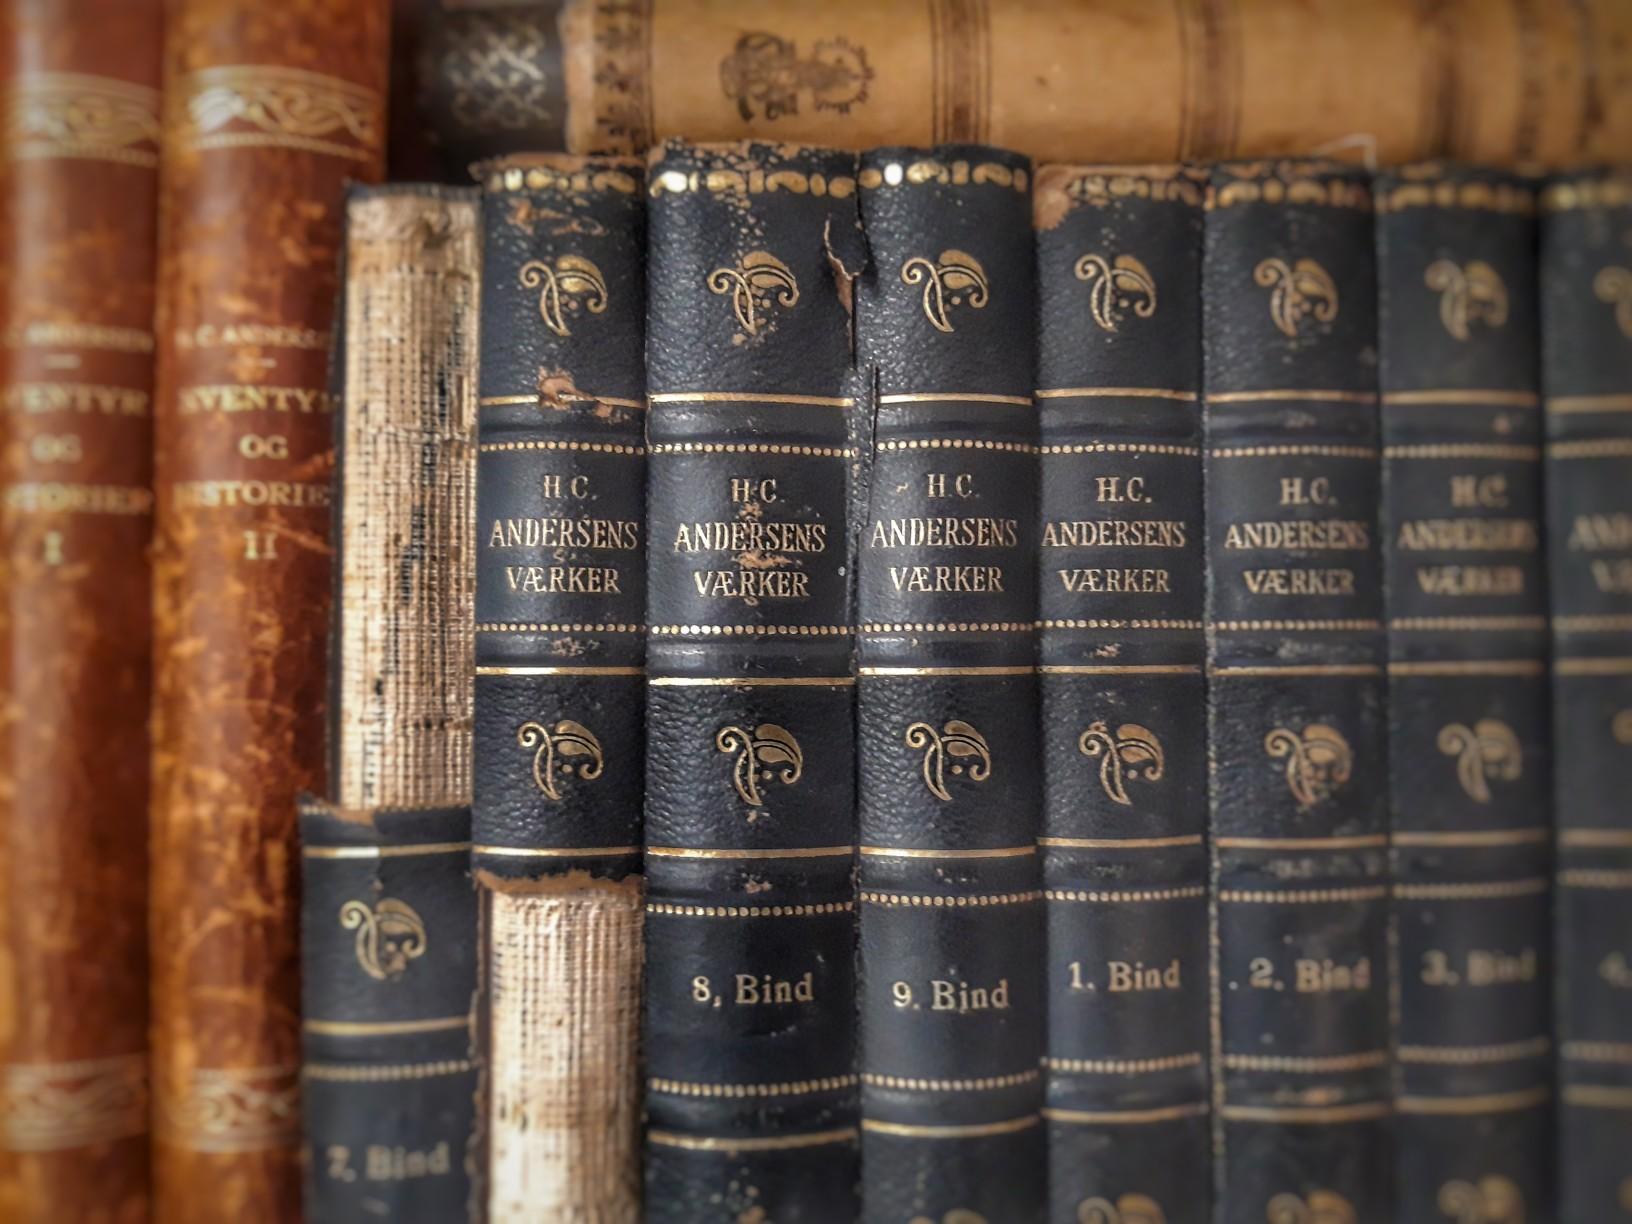 Bücherregal mit originalsprachlichen antiquarischen Ausgaben von Hans Christian Andersens Werken